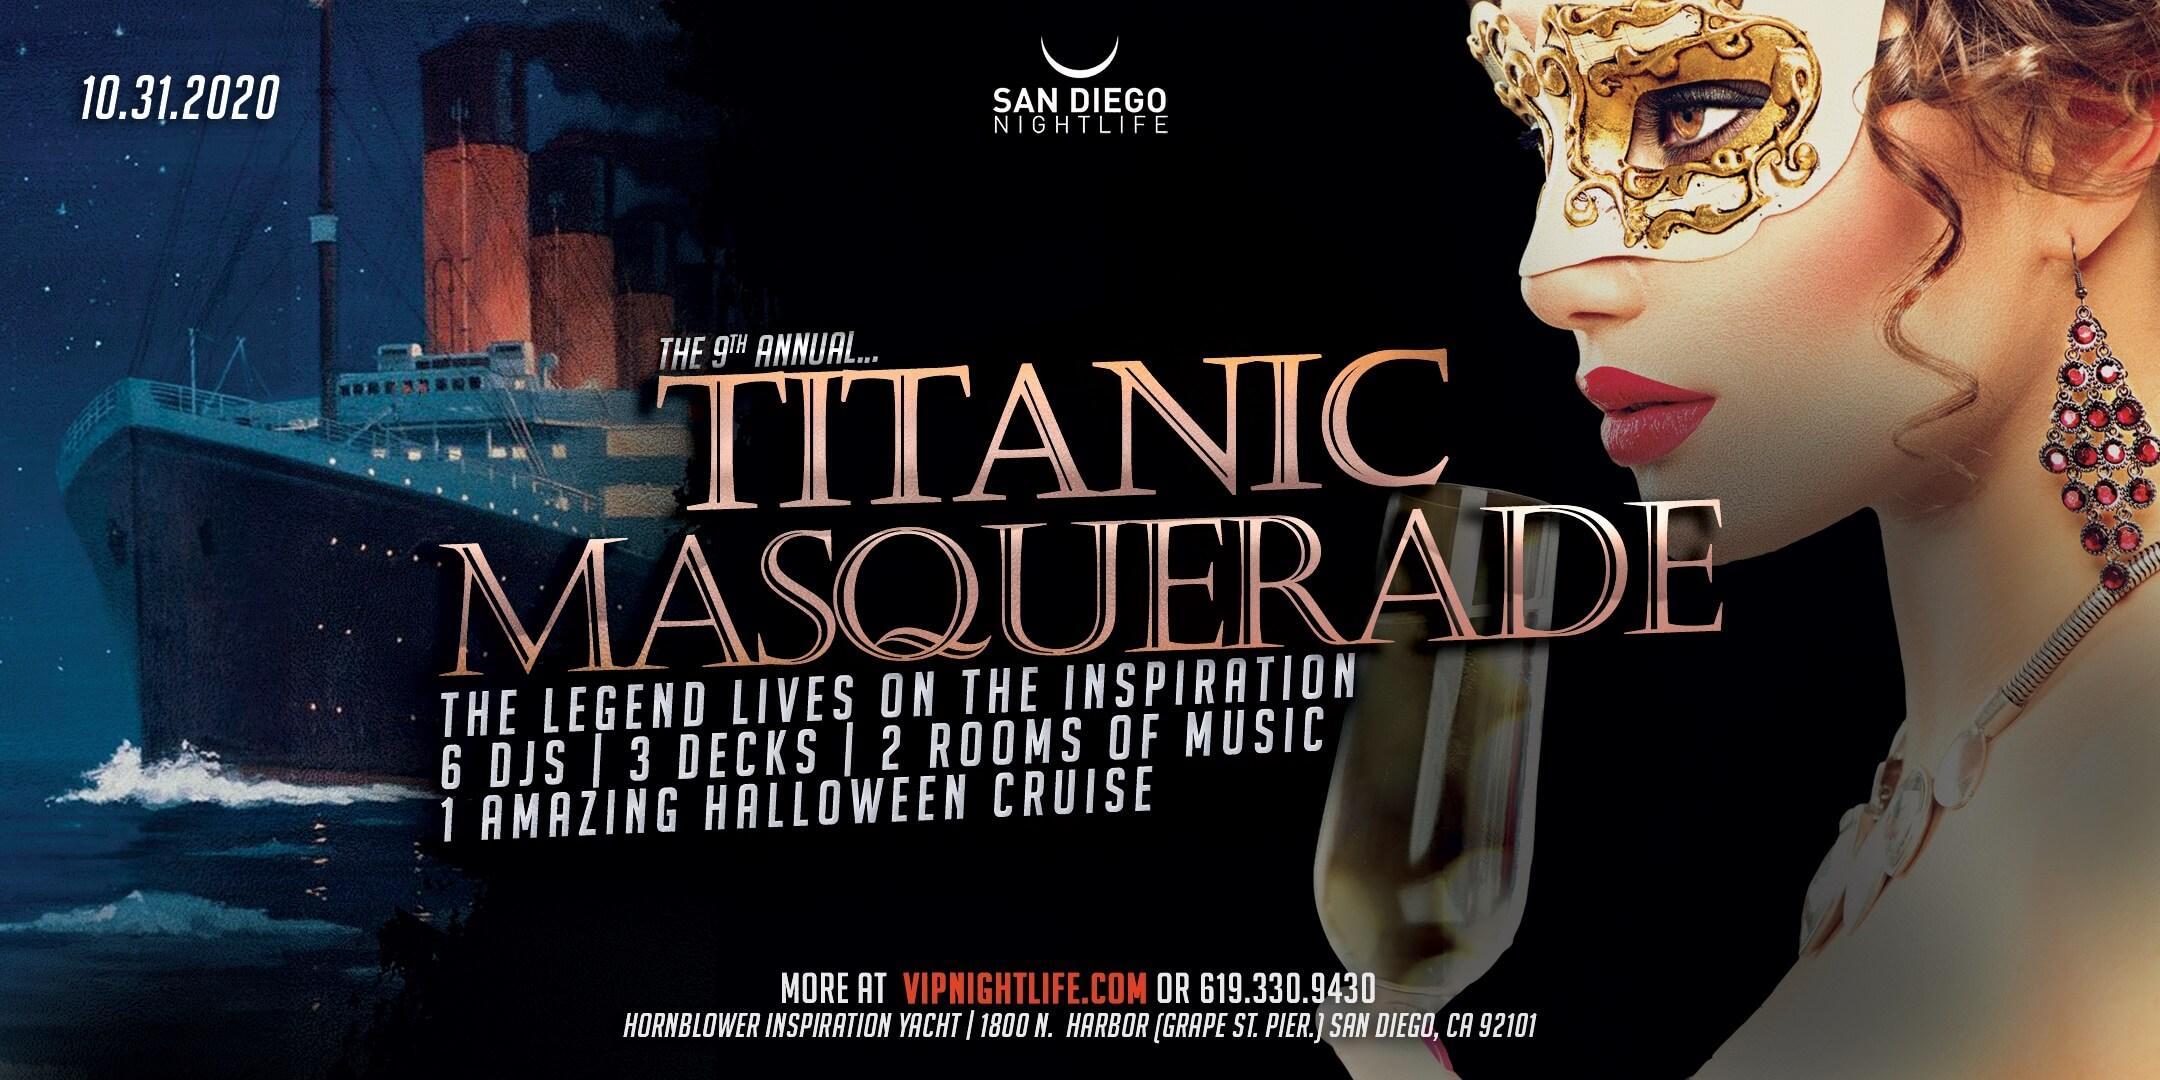 Halloween Cruise 2020 San Diego Pier Pressure San Diego Halloween Cruise   9th Annual Titanic